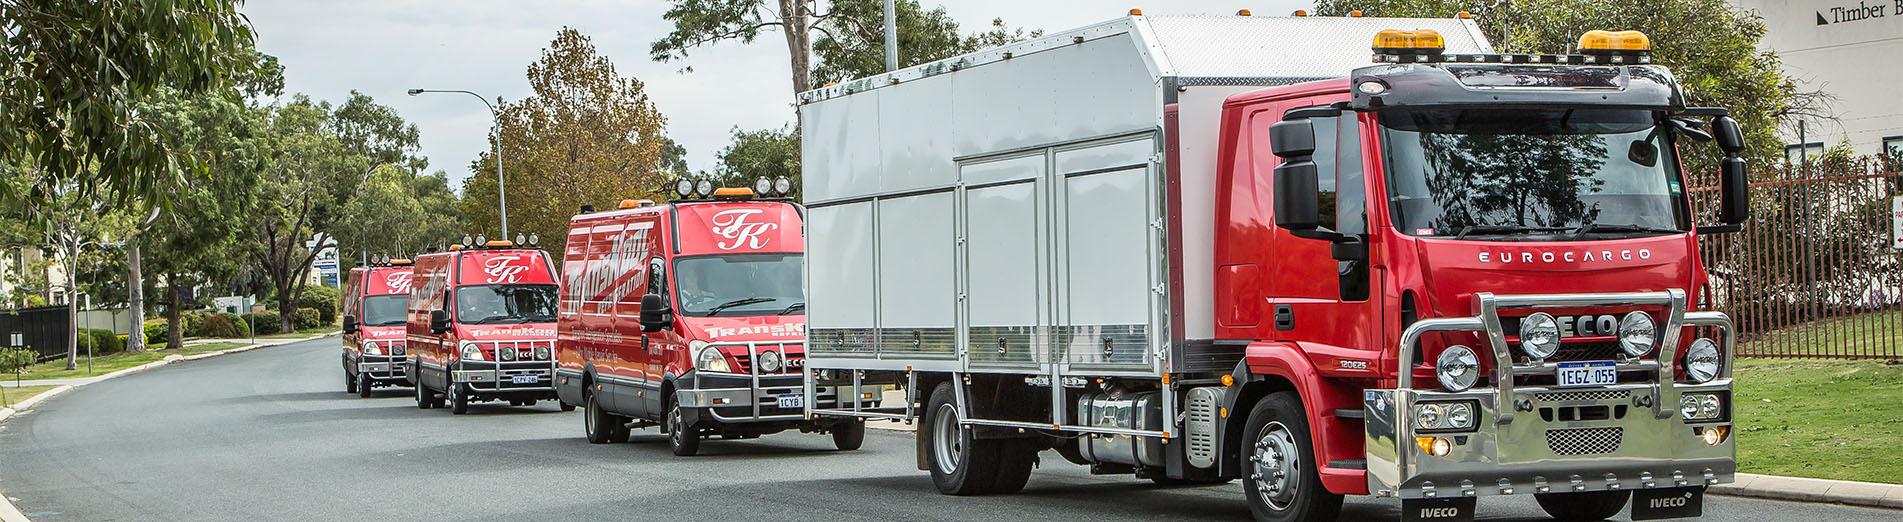 trasnkool trucks